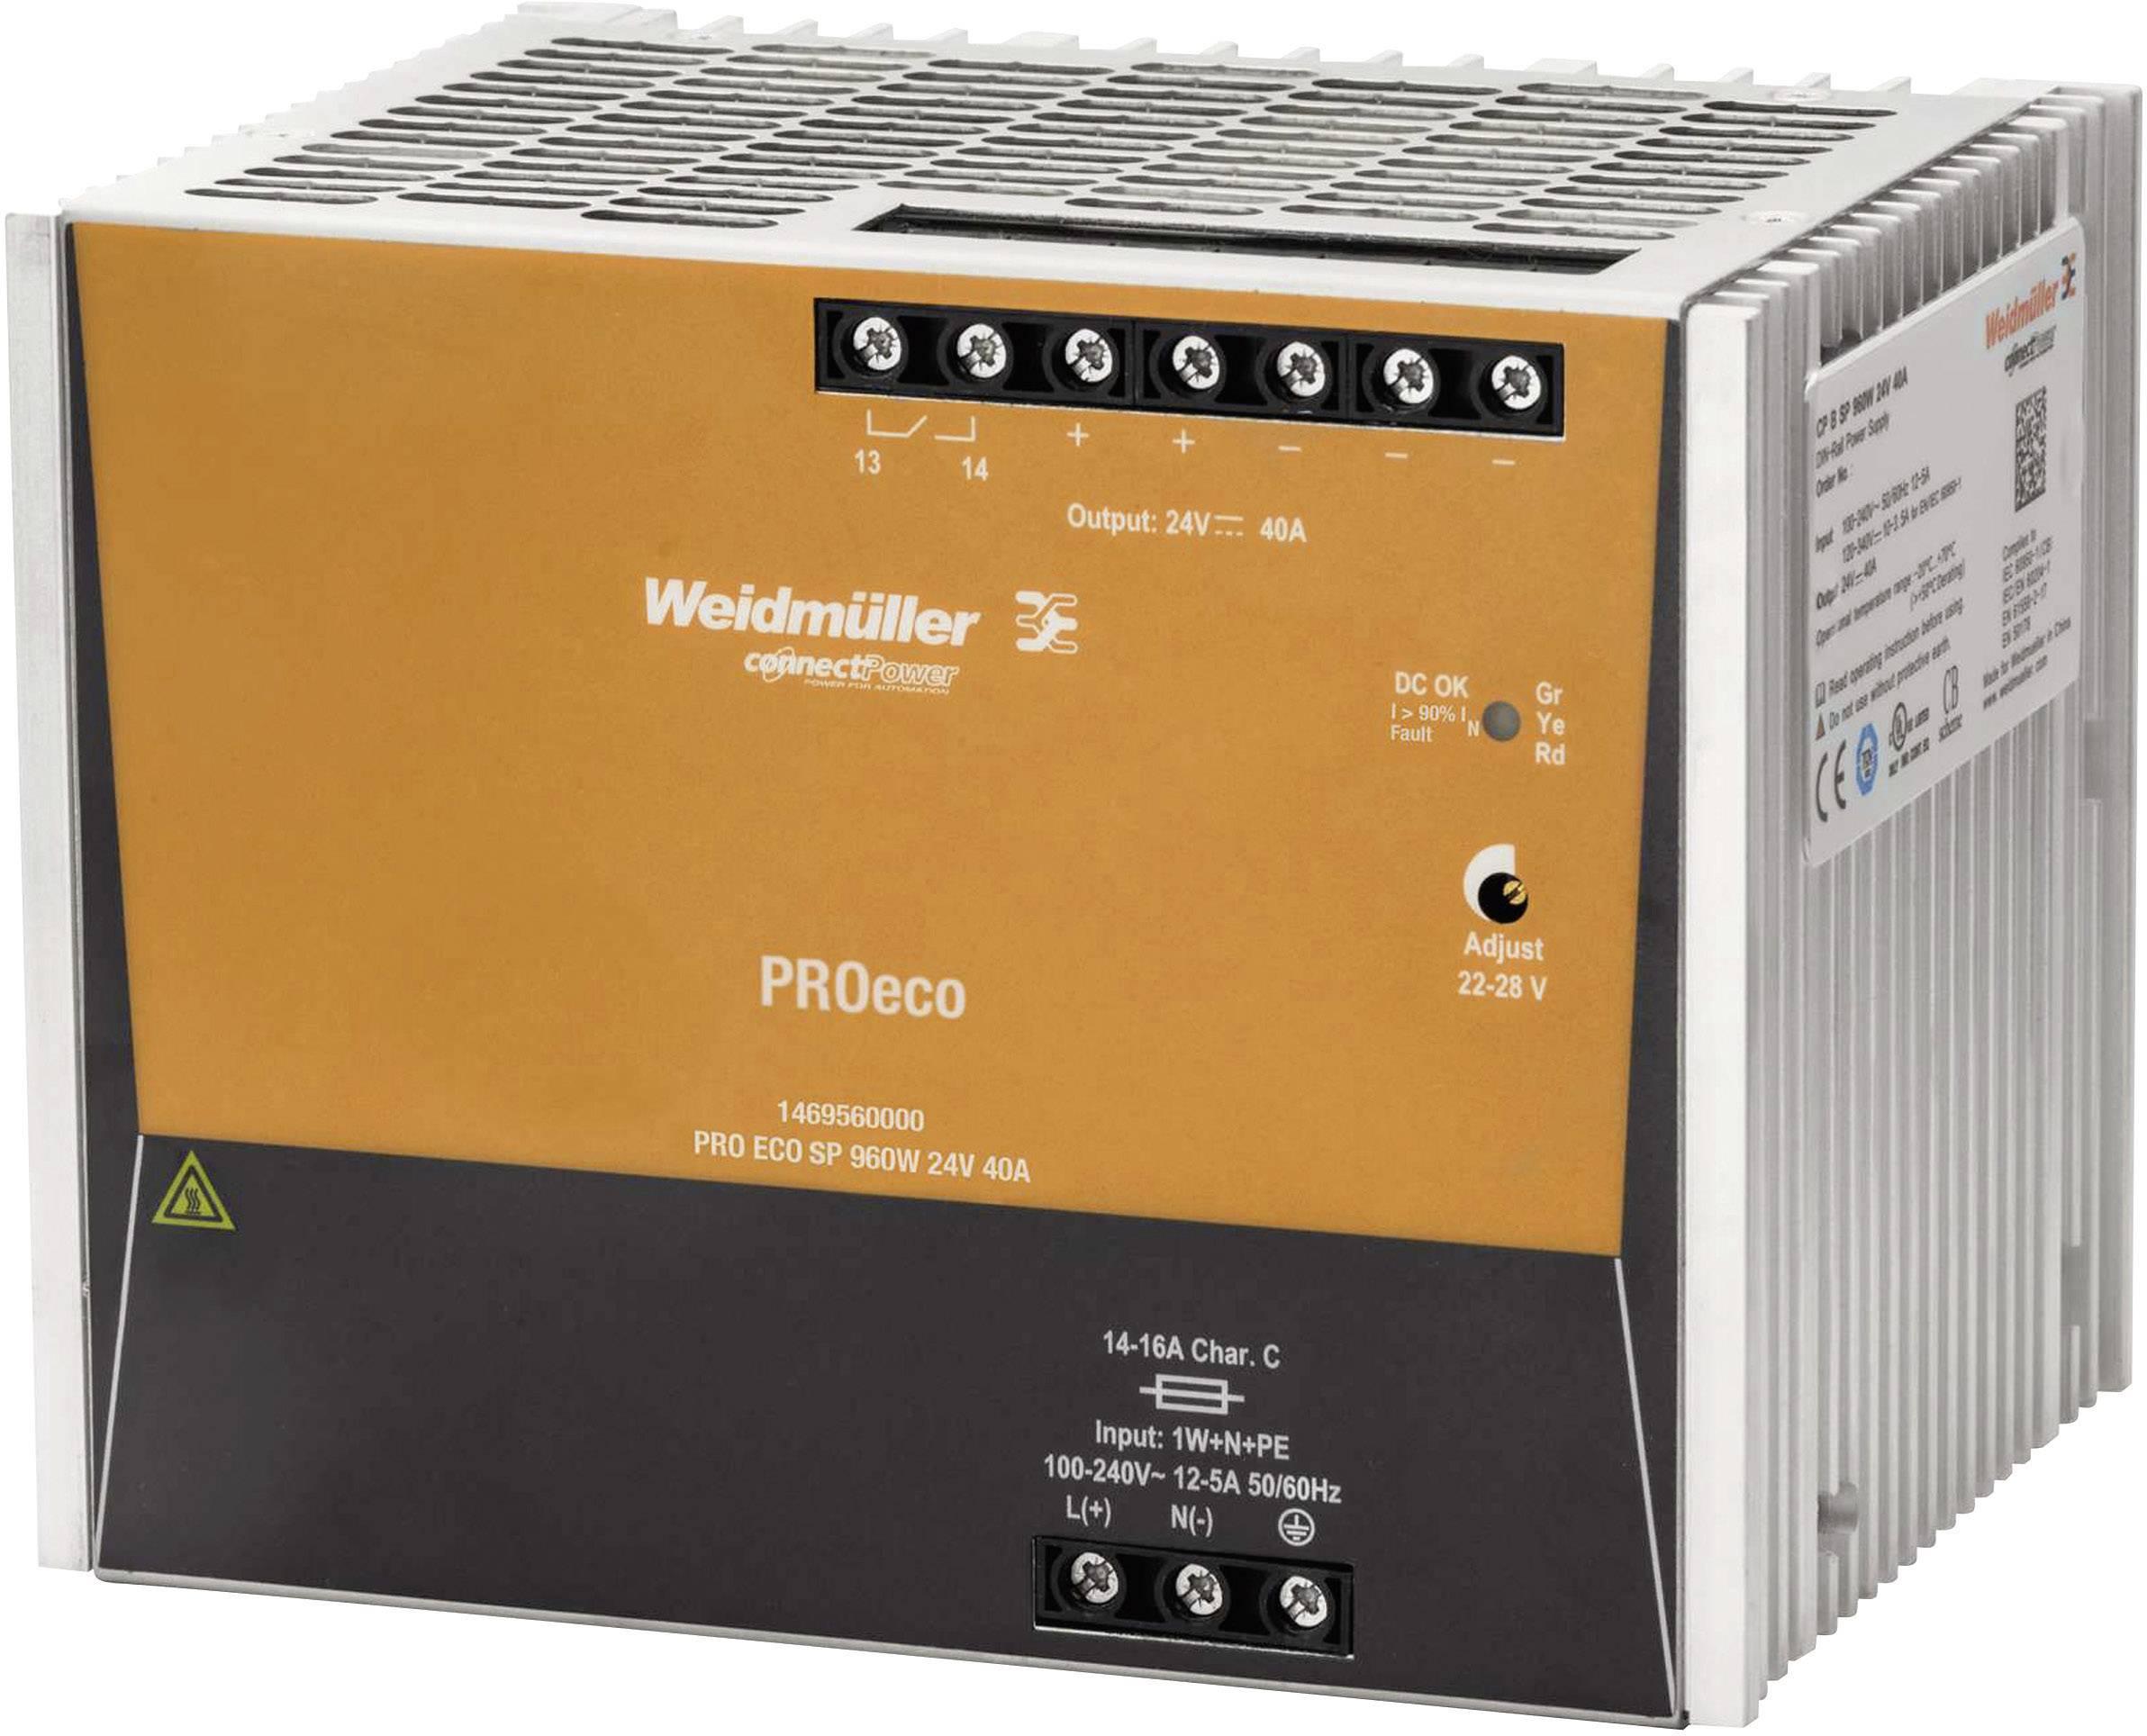 Sieťový zdroj na DIN lištu Weidmüller PRE ECO3 960 W 24 V 40 A 24 V / DC 40 A 960 W